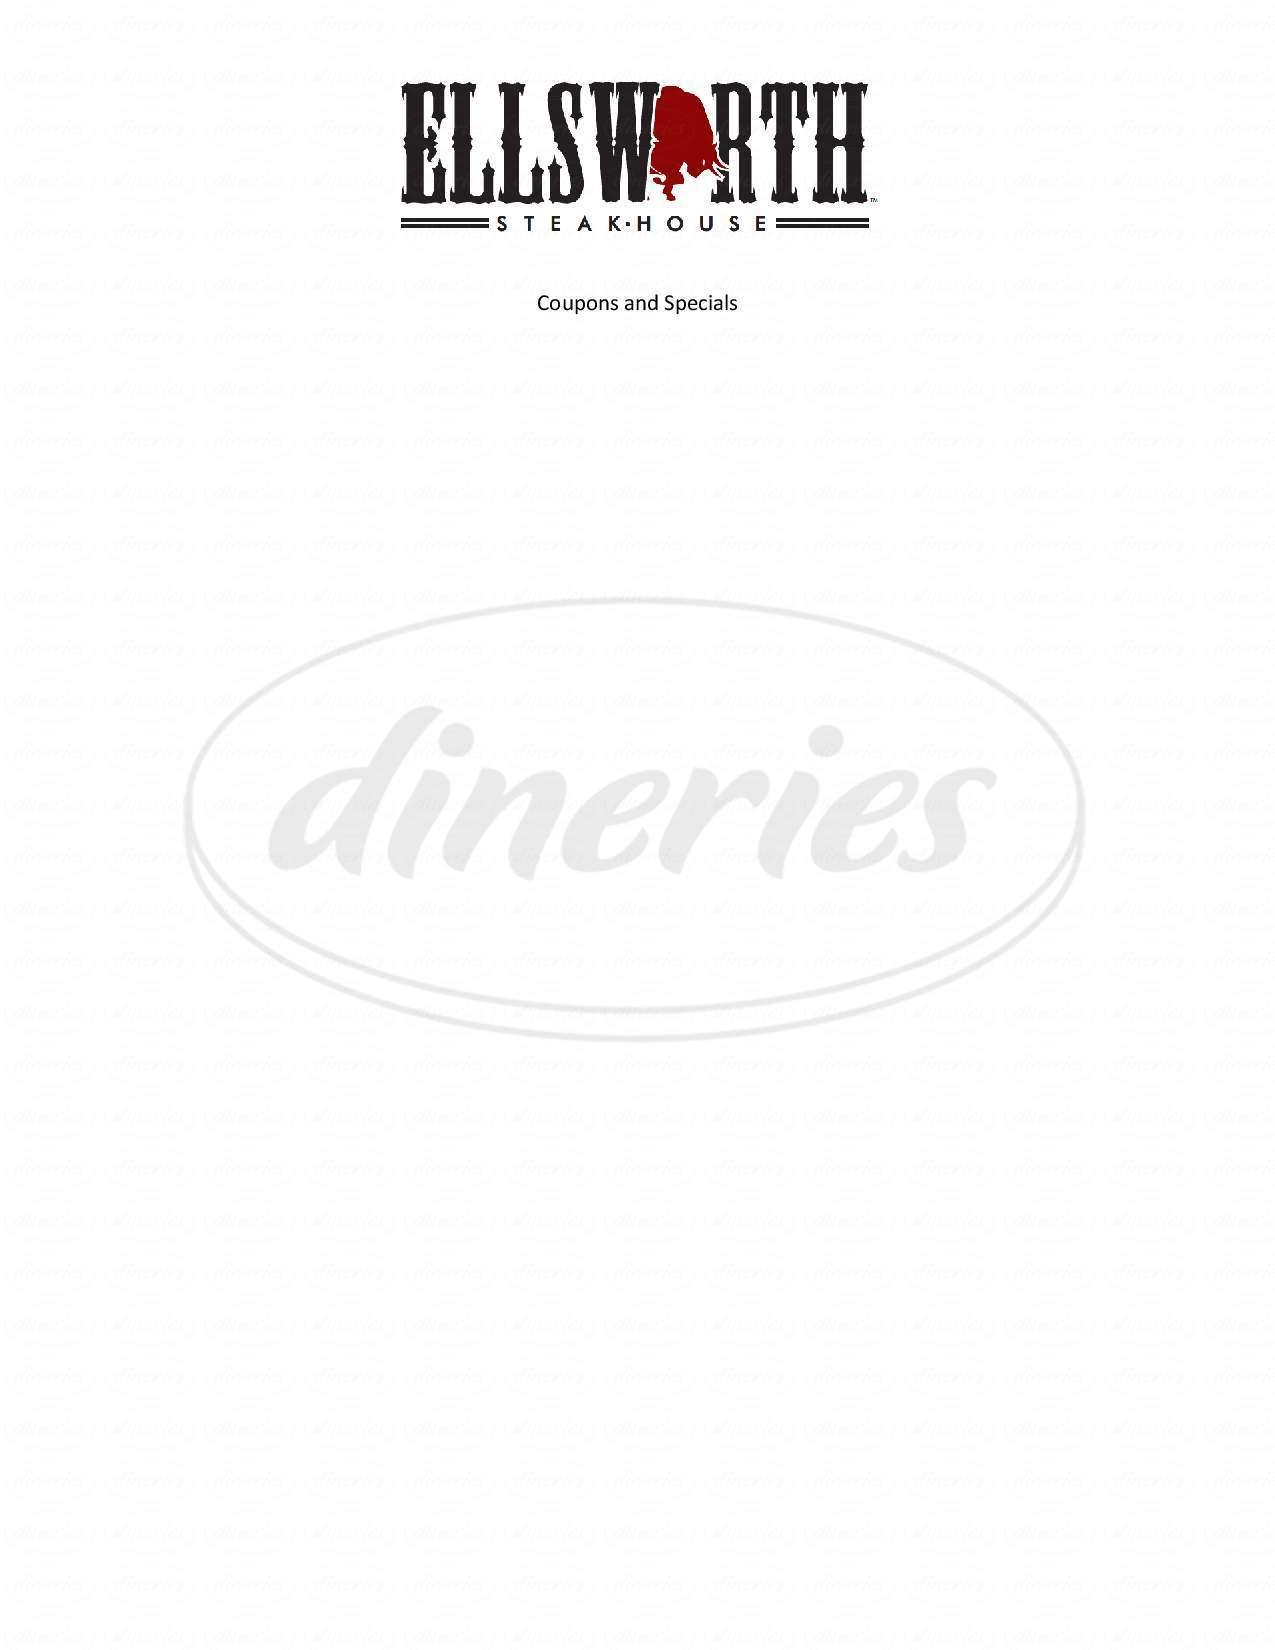 menu for Ellsworth Steak House